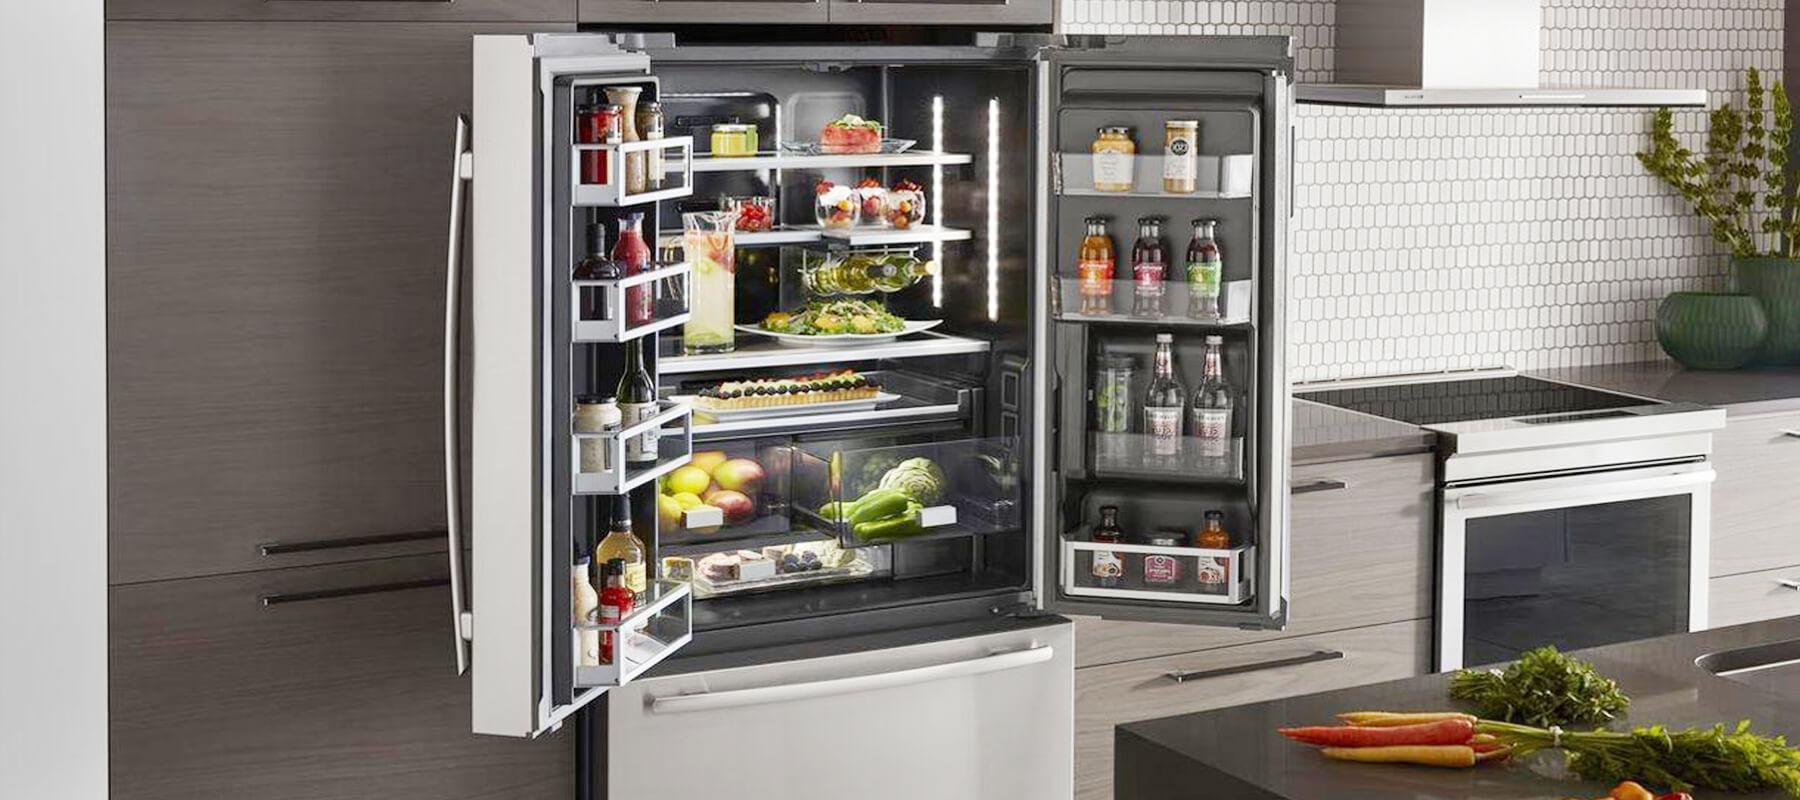 Jenn Air Built in Refrigerator Repair | Built in Refrigerator Repair Service